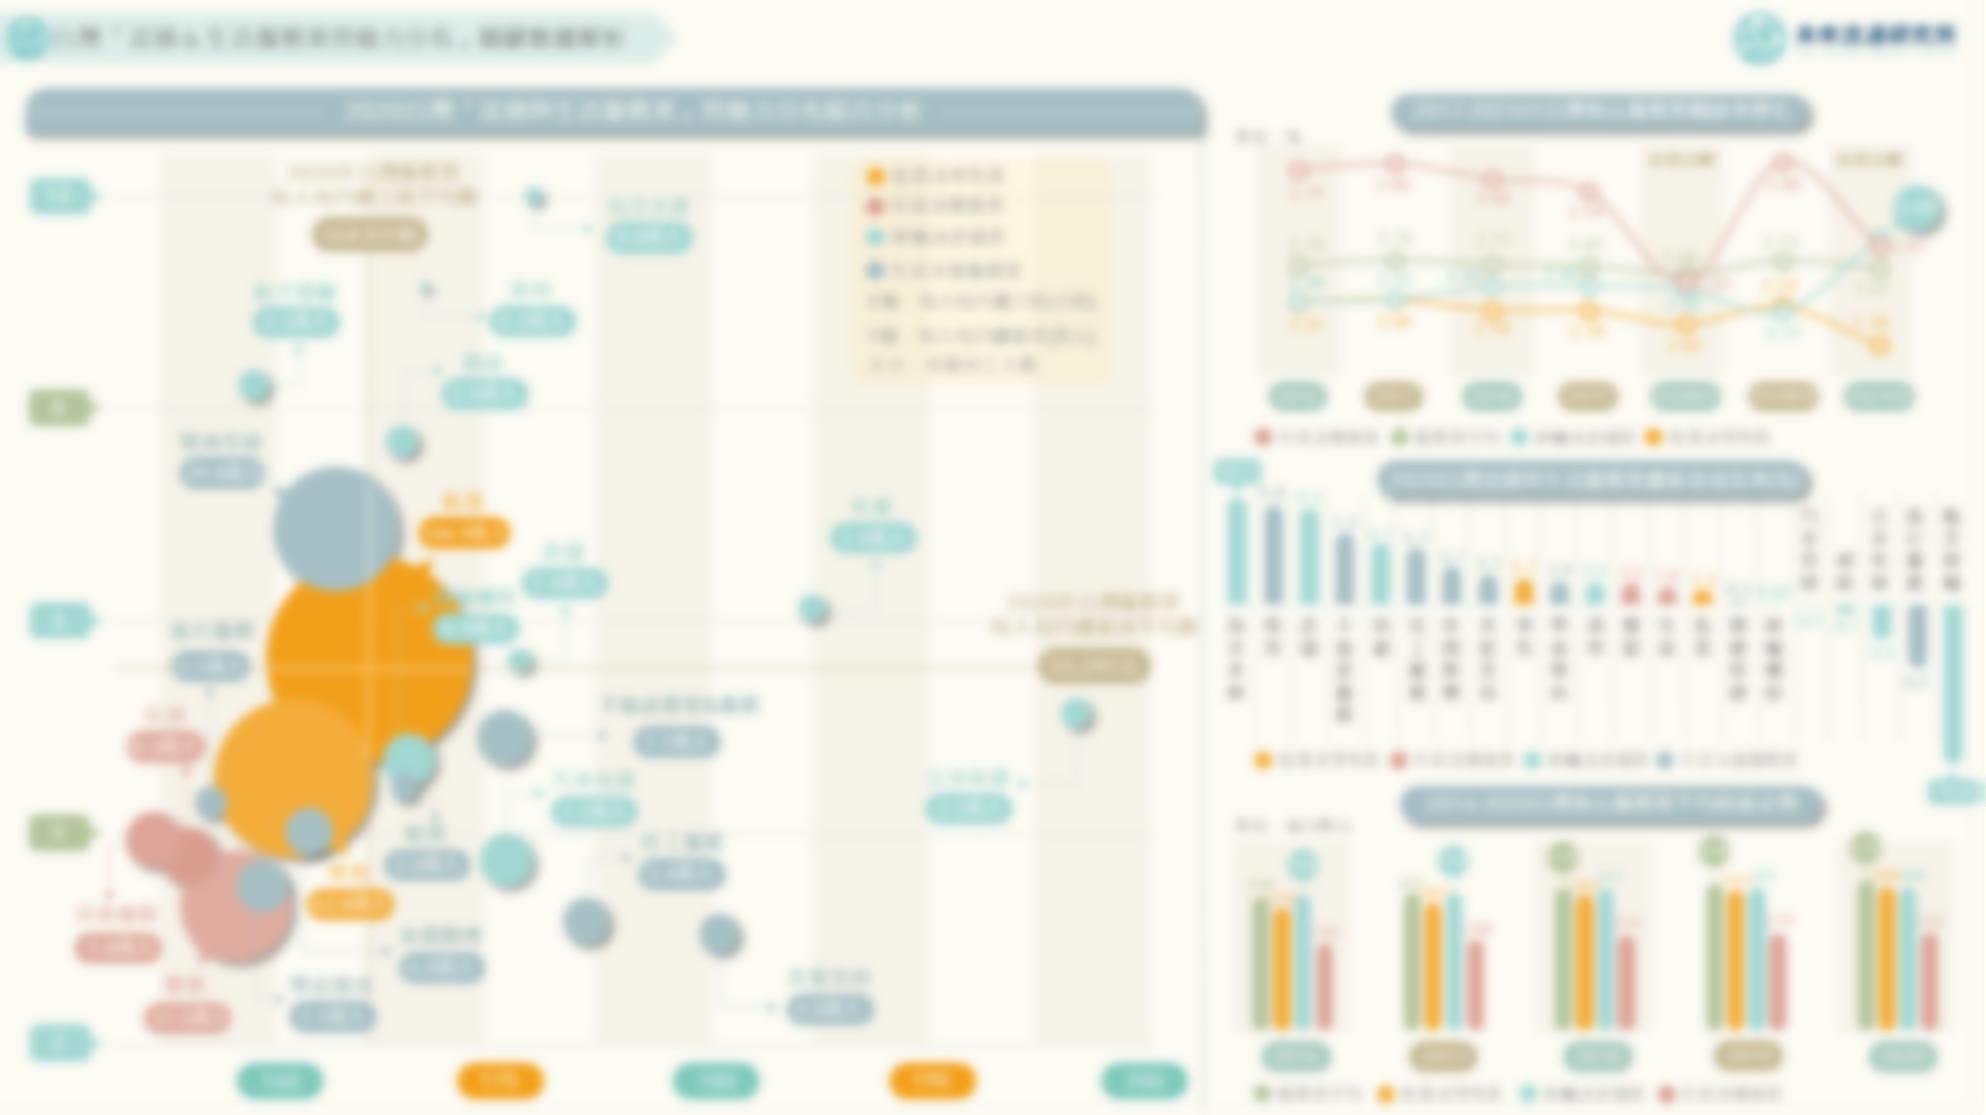 2021【商業數據圖解】台灣「流通&生活服務業勞動力分布」關鍵數據解析